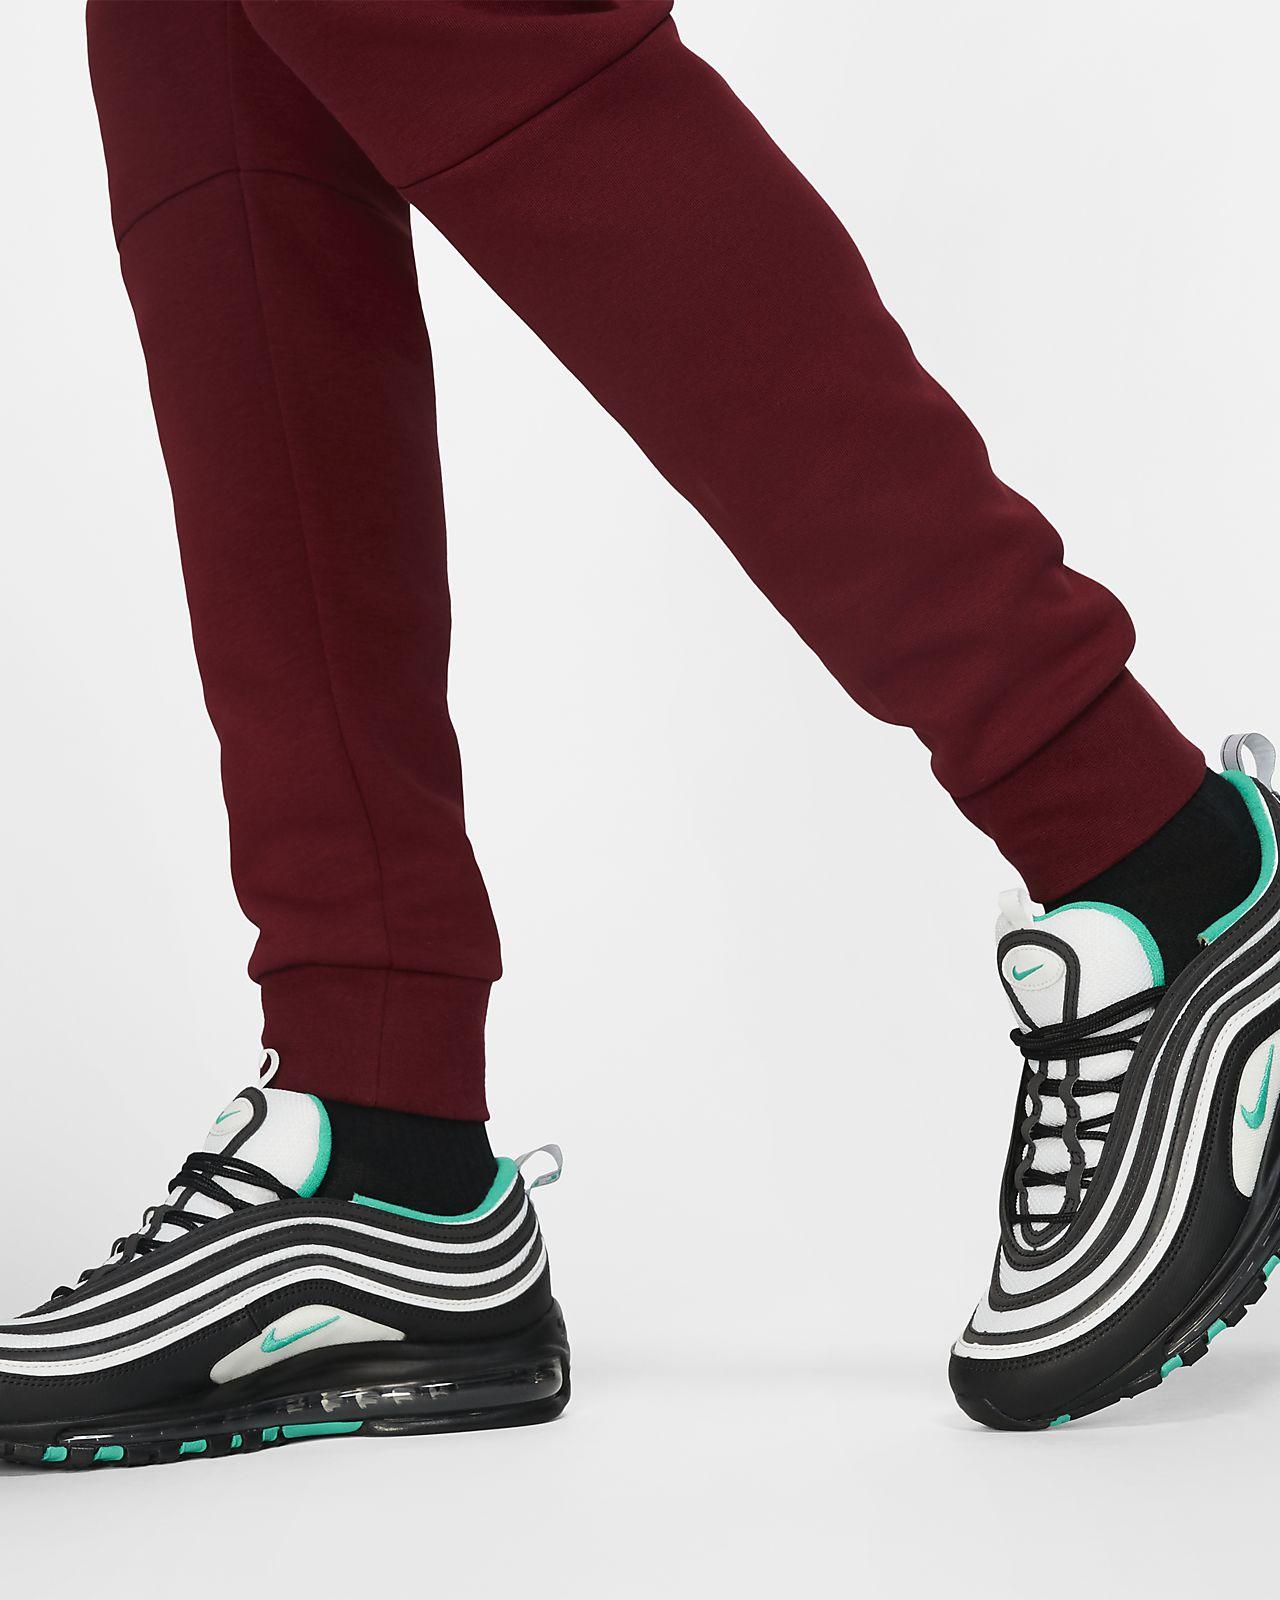 cd518ef96 Nike Sportswear Tech Fleece Men's Joggers. Nike.com CA